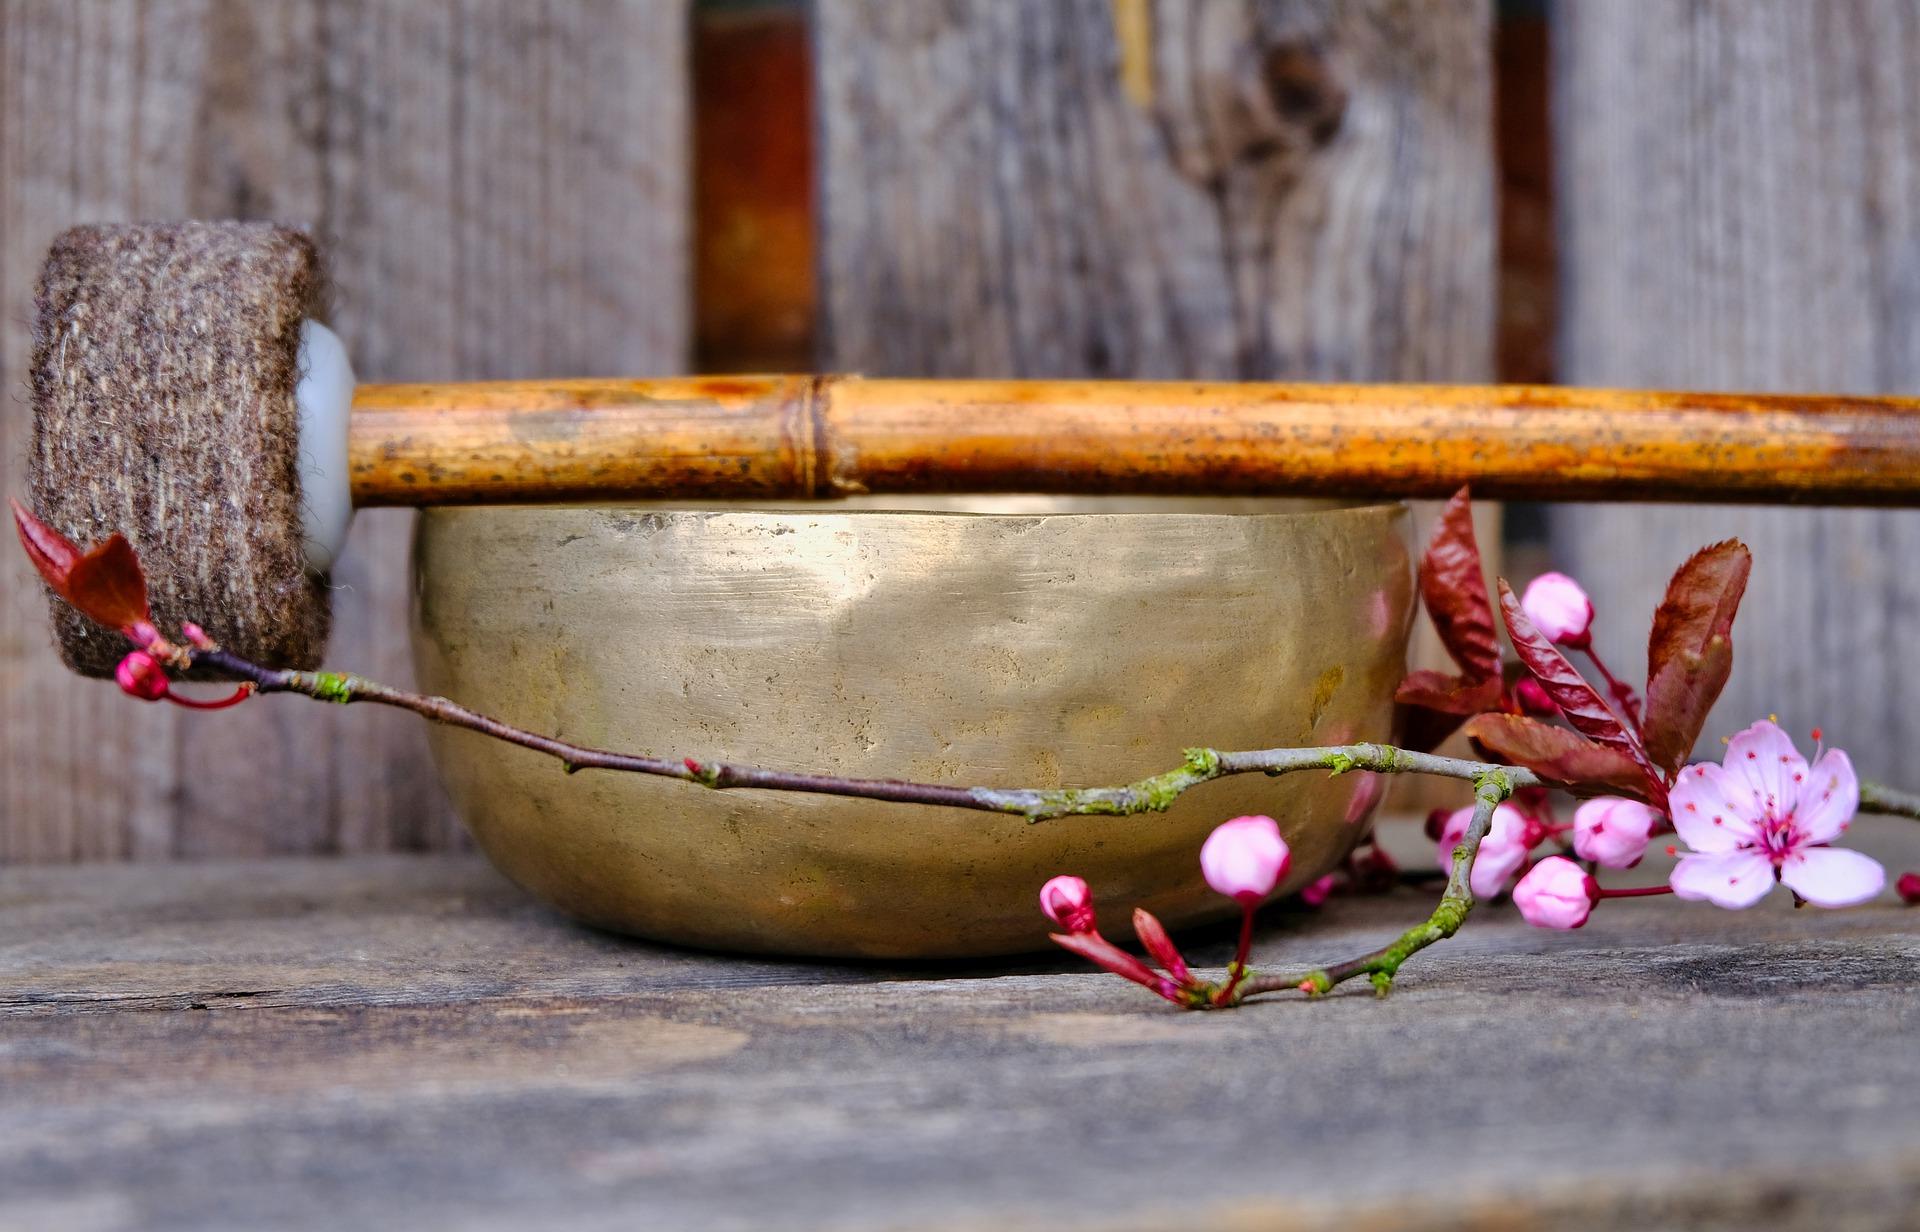 singing-bowl-4892202_1920